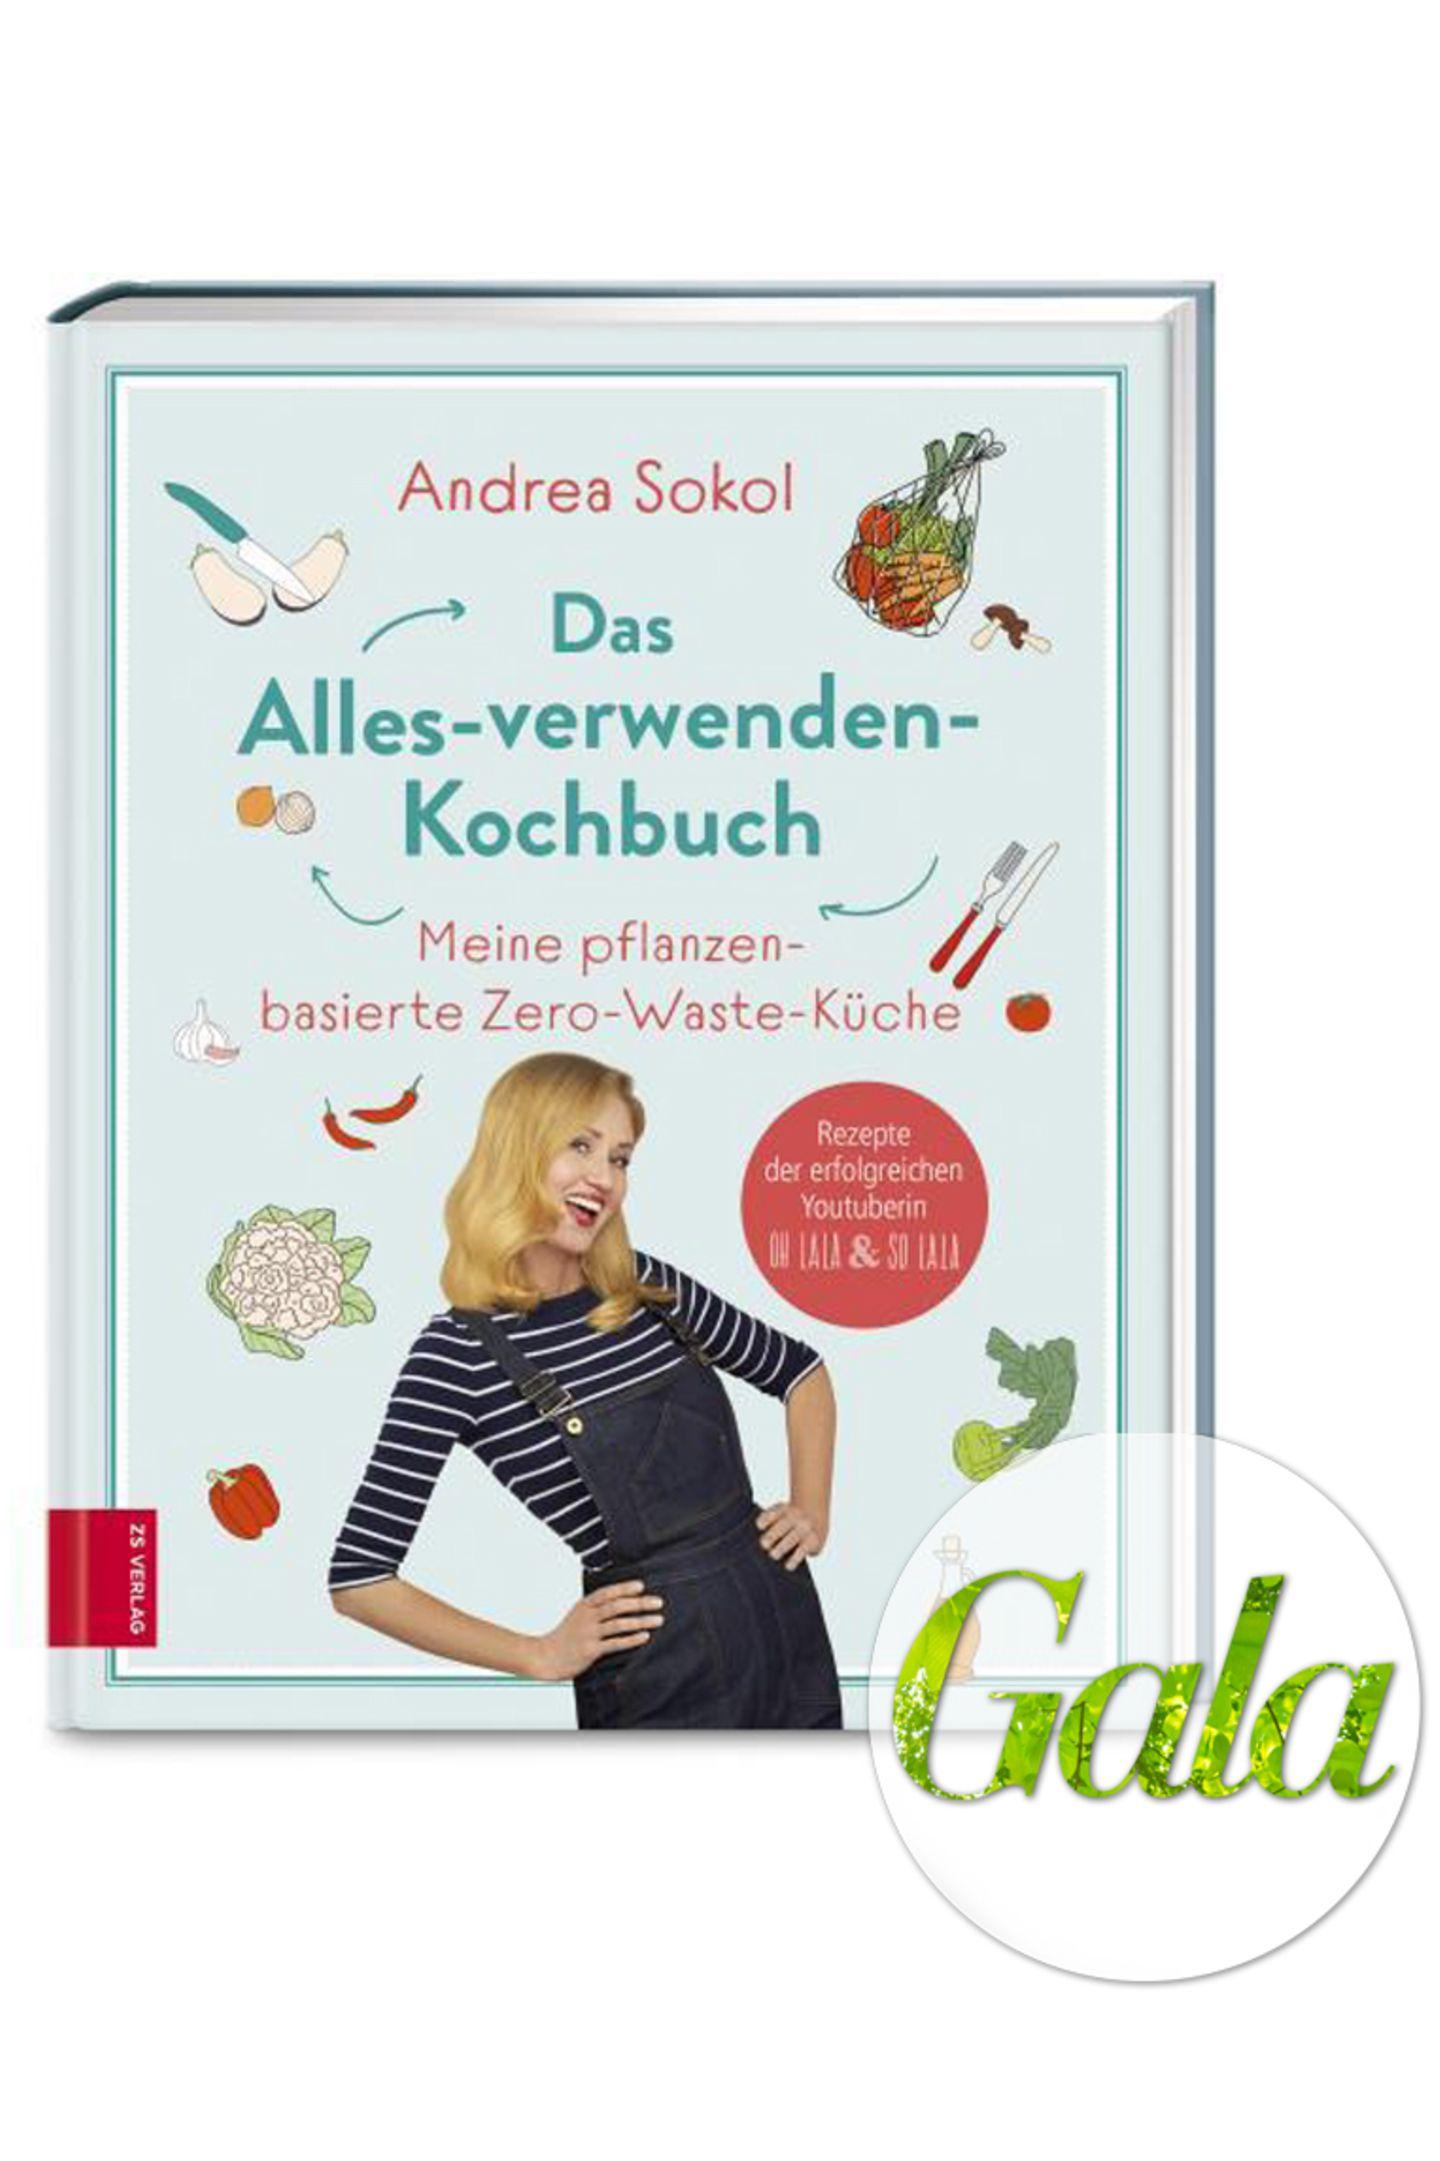 """Alles verwenden – ein Motto, das Andrea Sokol in ihrem Küchenalltag lebt und in ihrer neuen Rezeptsammlung """"Das Alles-verwenden-Kochbuch"""" vorstellt. Die Ernährungsberaterin und Moderatorin zeigt darin, wie einfach es ist, vermeintliche Essensreste zu vermeiden und clever zu verwerten. 75 vegane Rezepte und praktische Alltagstipps rund um das Thema Nachhaltigkeit in der Küche wartenin dem Kochbuch auf neugierige Leserinnen und Leser. Ab Oktober 2020 im Handel, ca. 22,99 Euro"""